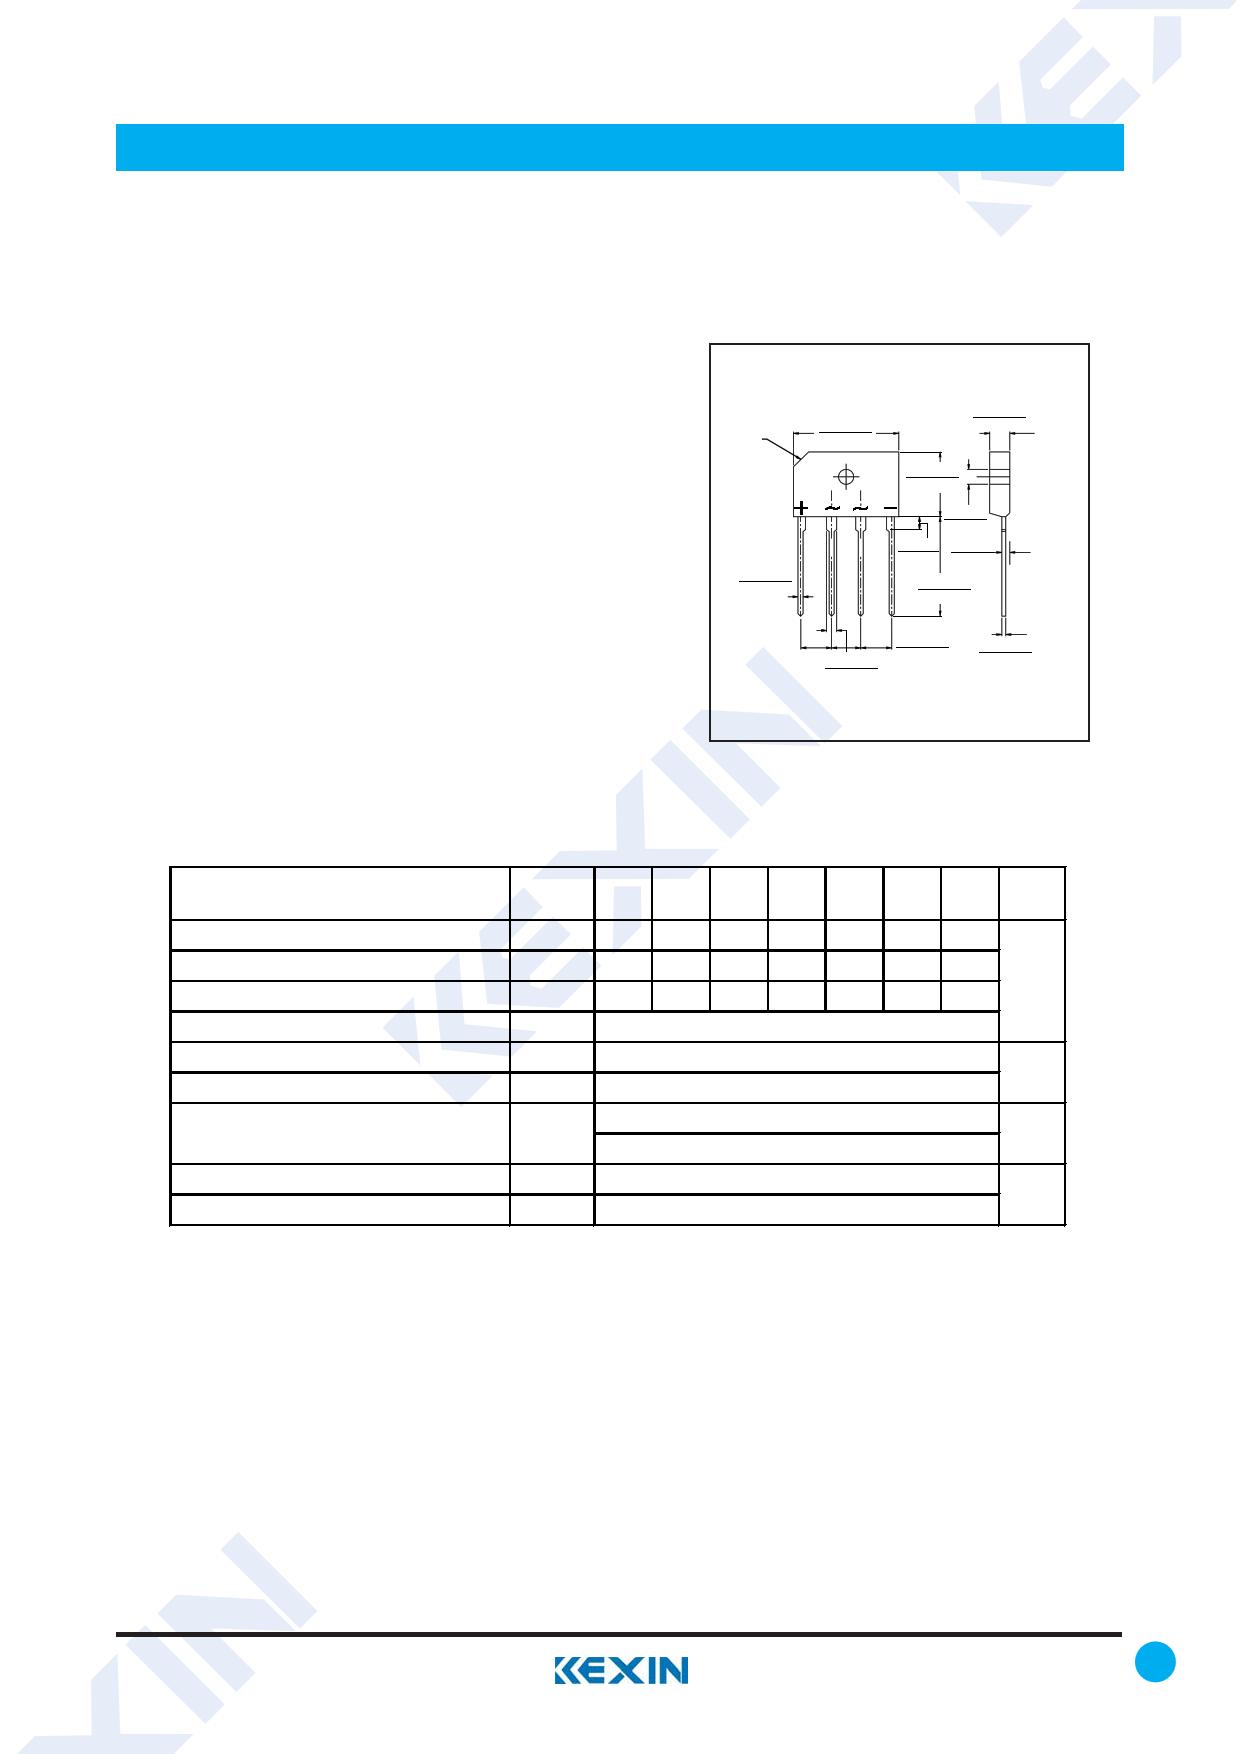 TS6B07G 데이터시트 및 TS6B07G PDF